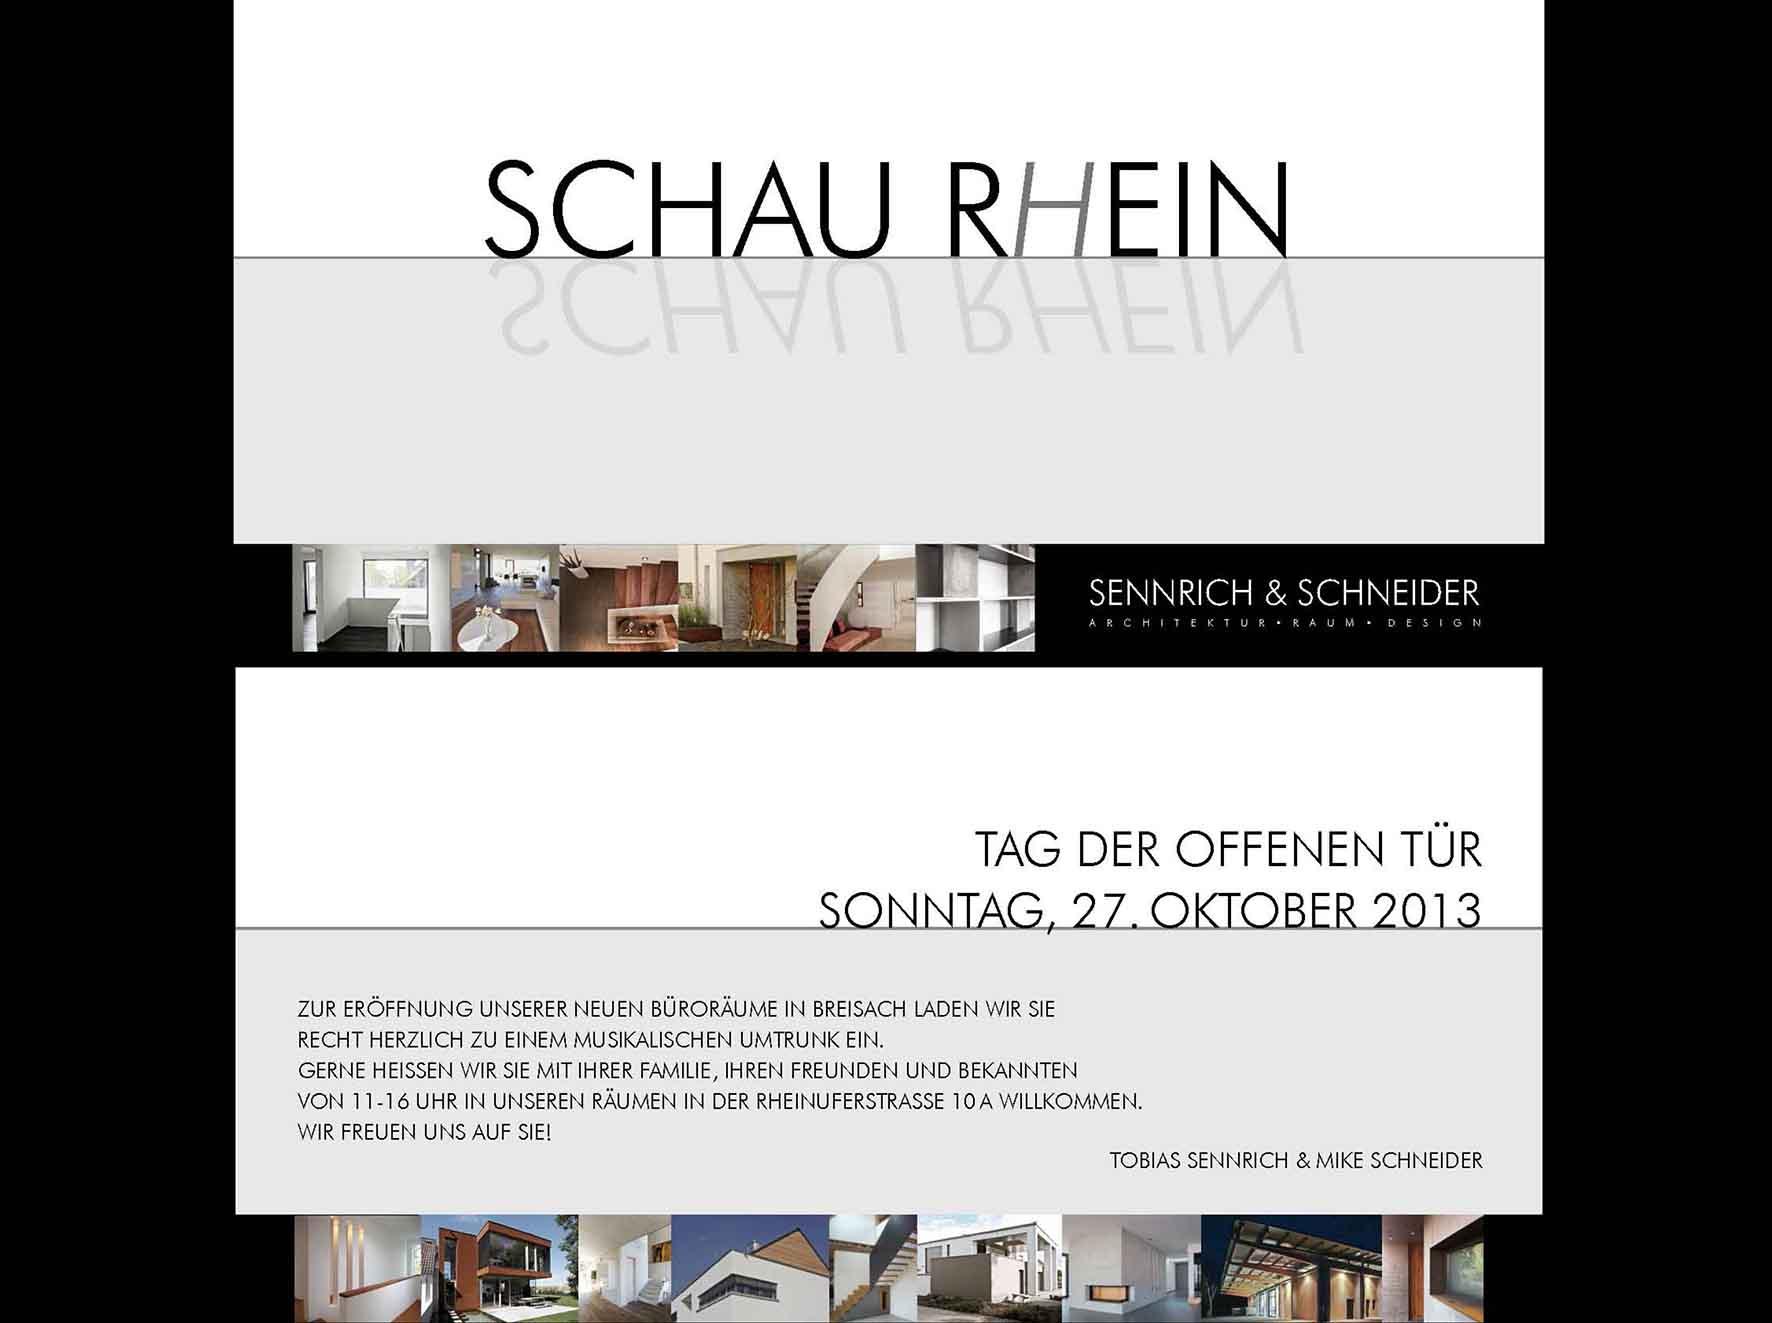 Das Plakat des Tag der offenen Tür bei Sennrich und Schneider